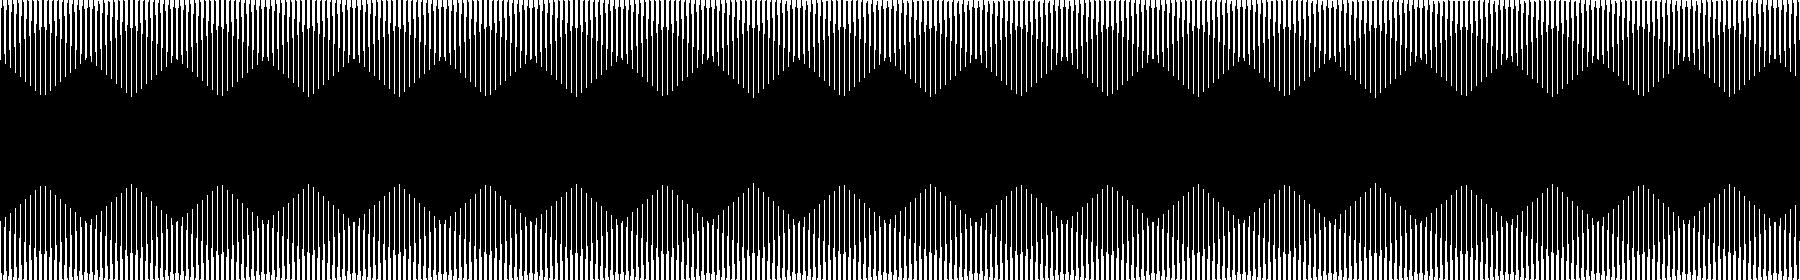 bass   40hz sine